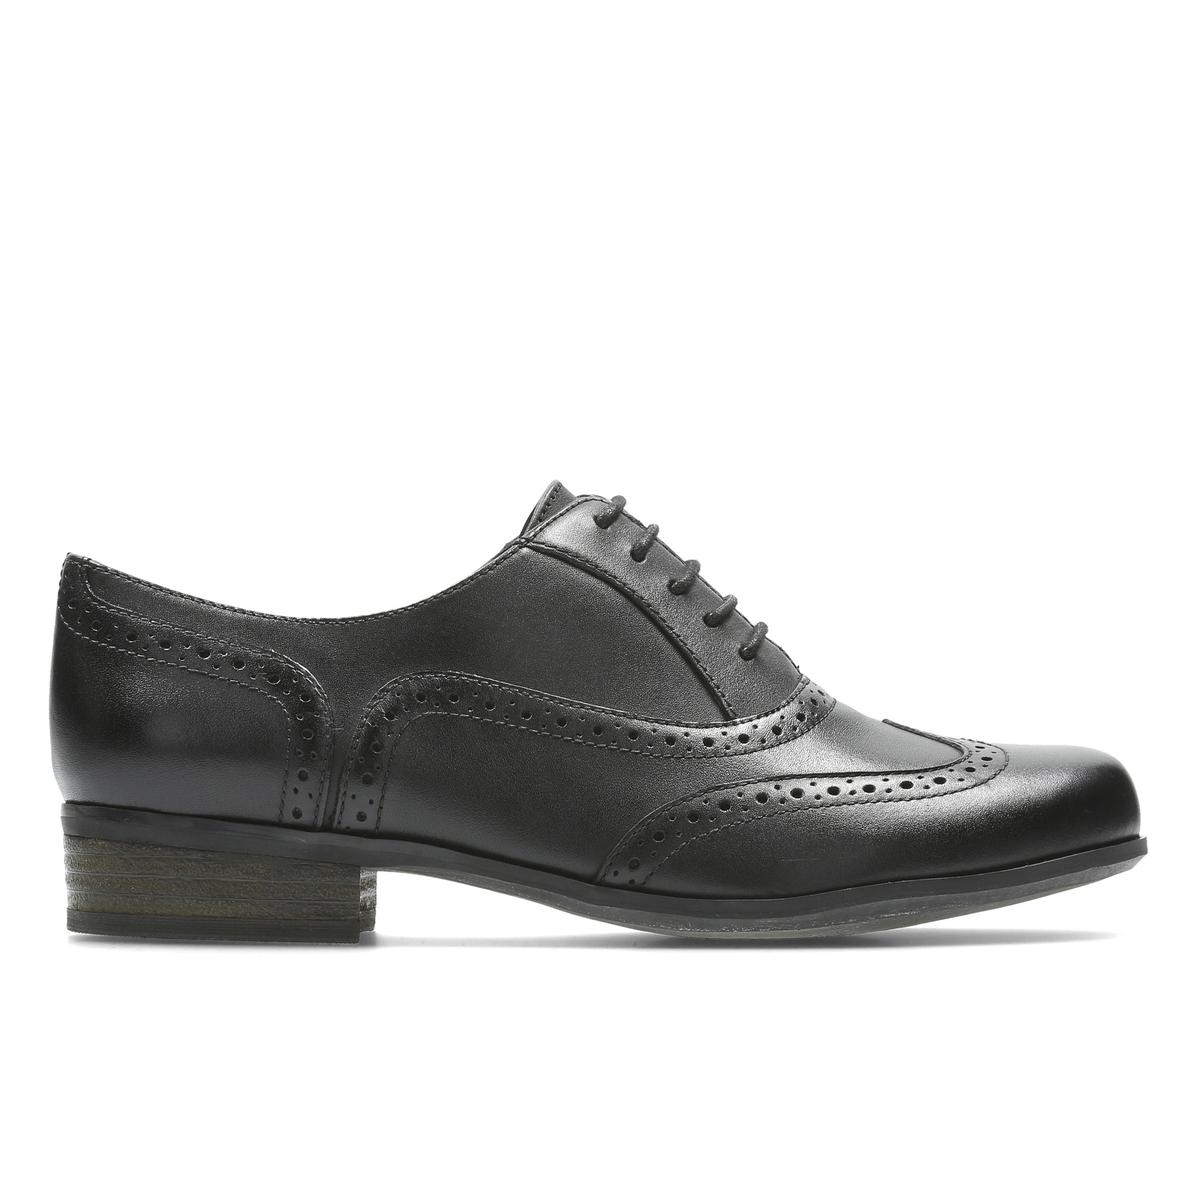 Ботинки-дерби с перфорированным мыском Hamble Oak ботинки дерби malika